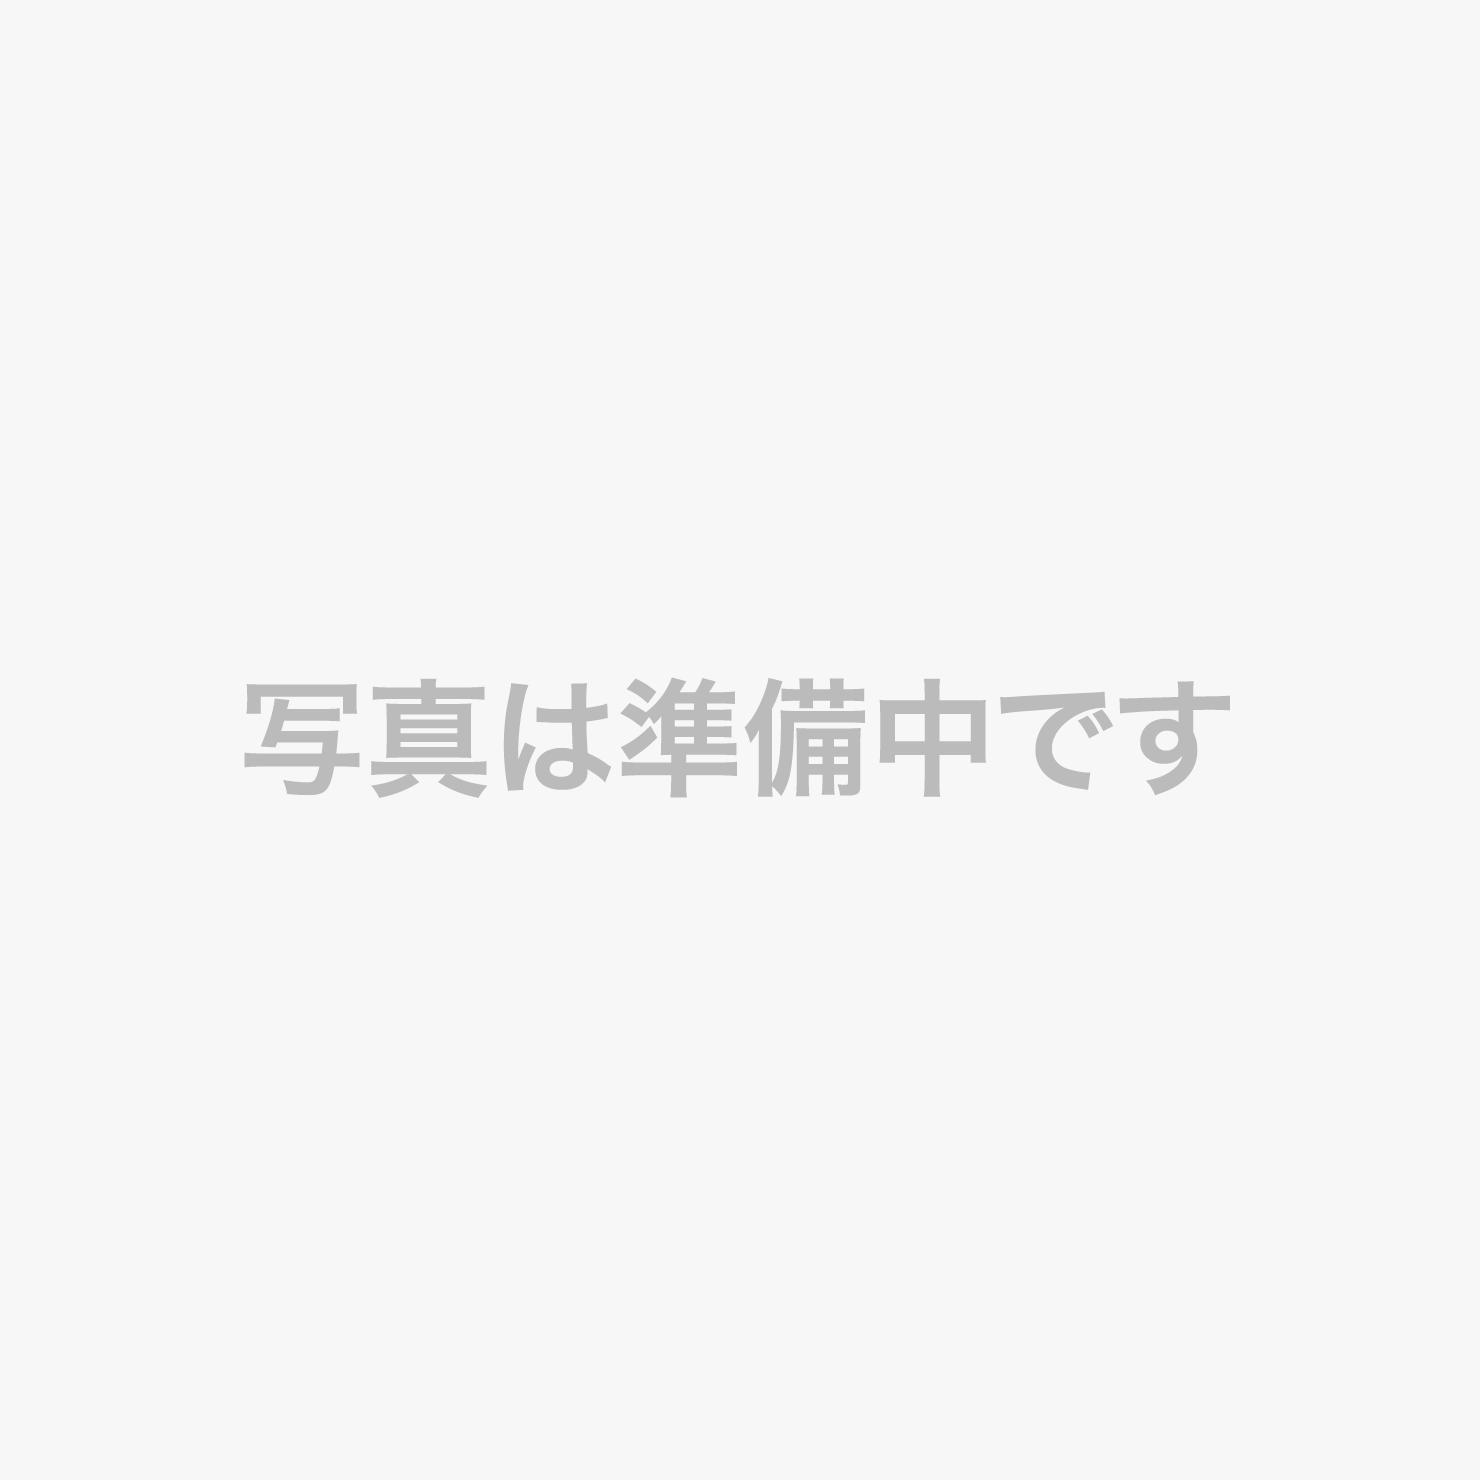 ご当地グルメ!【瀬戸内海鮮天丼御膳】(8月~9月)